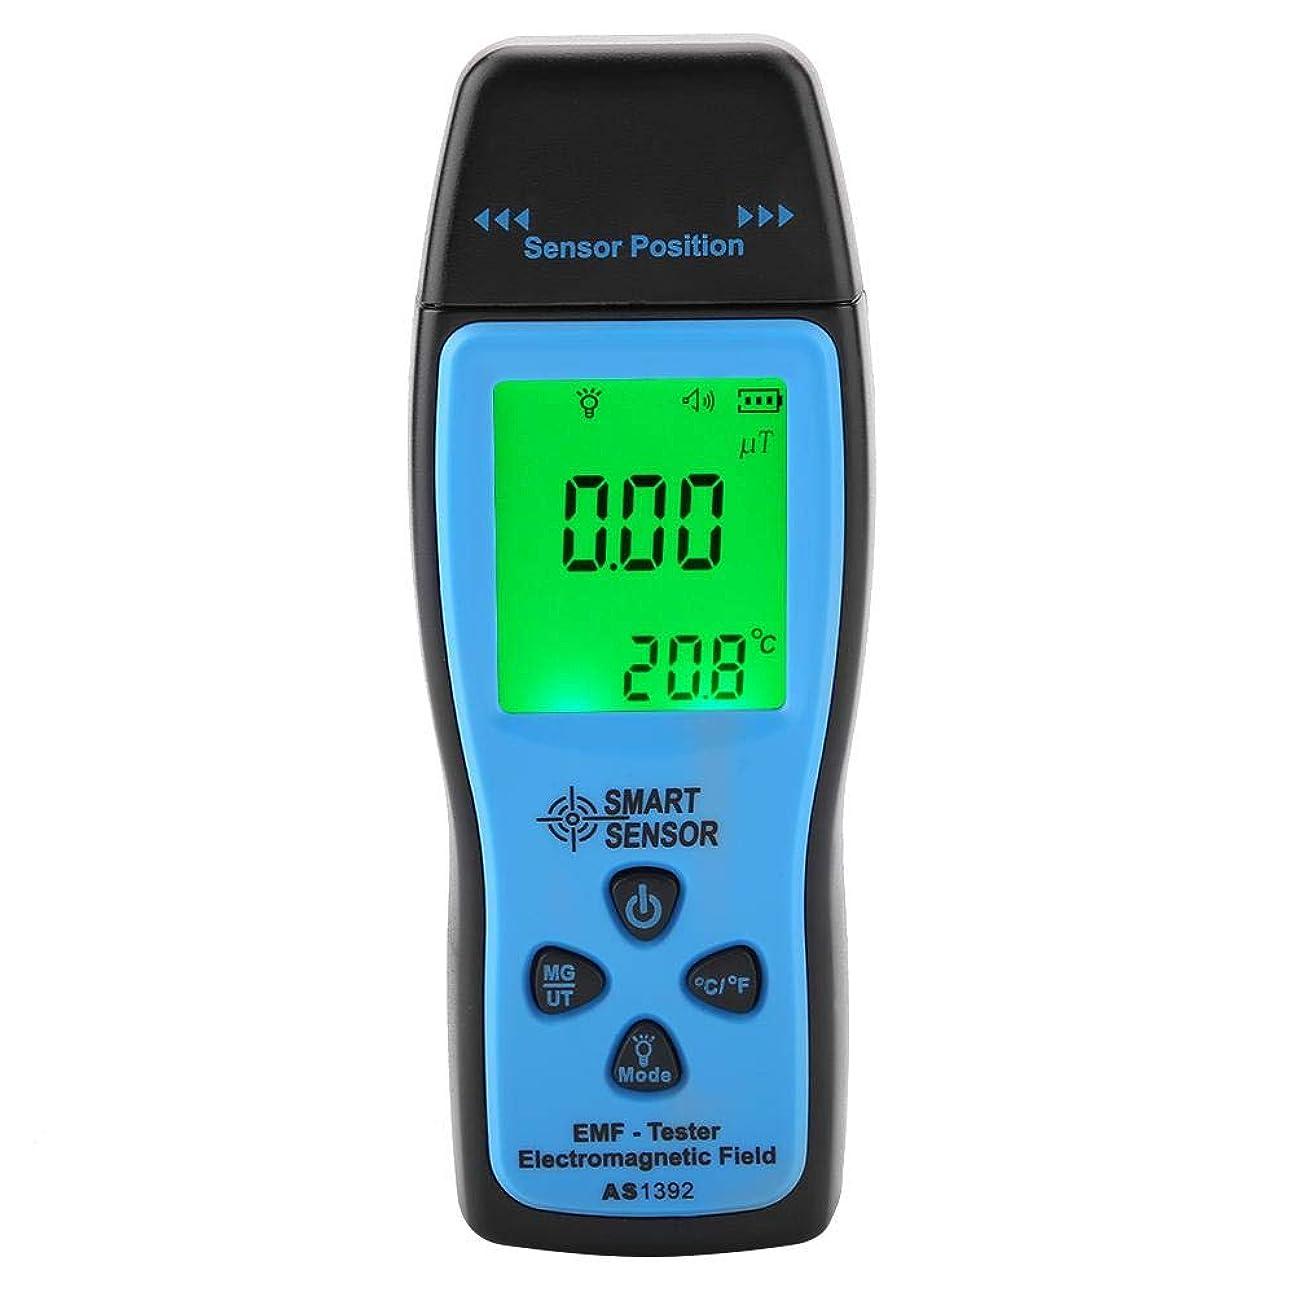 正直表向きタイピストデジタル電磁波テスター 電磁検出器 電磁放射線測定器 電磁波計 電磁波測定器 EMF検出器 線量計 警報機能付き